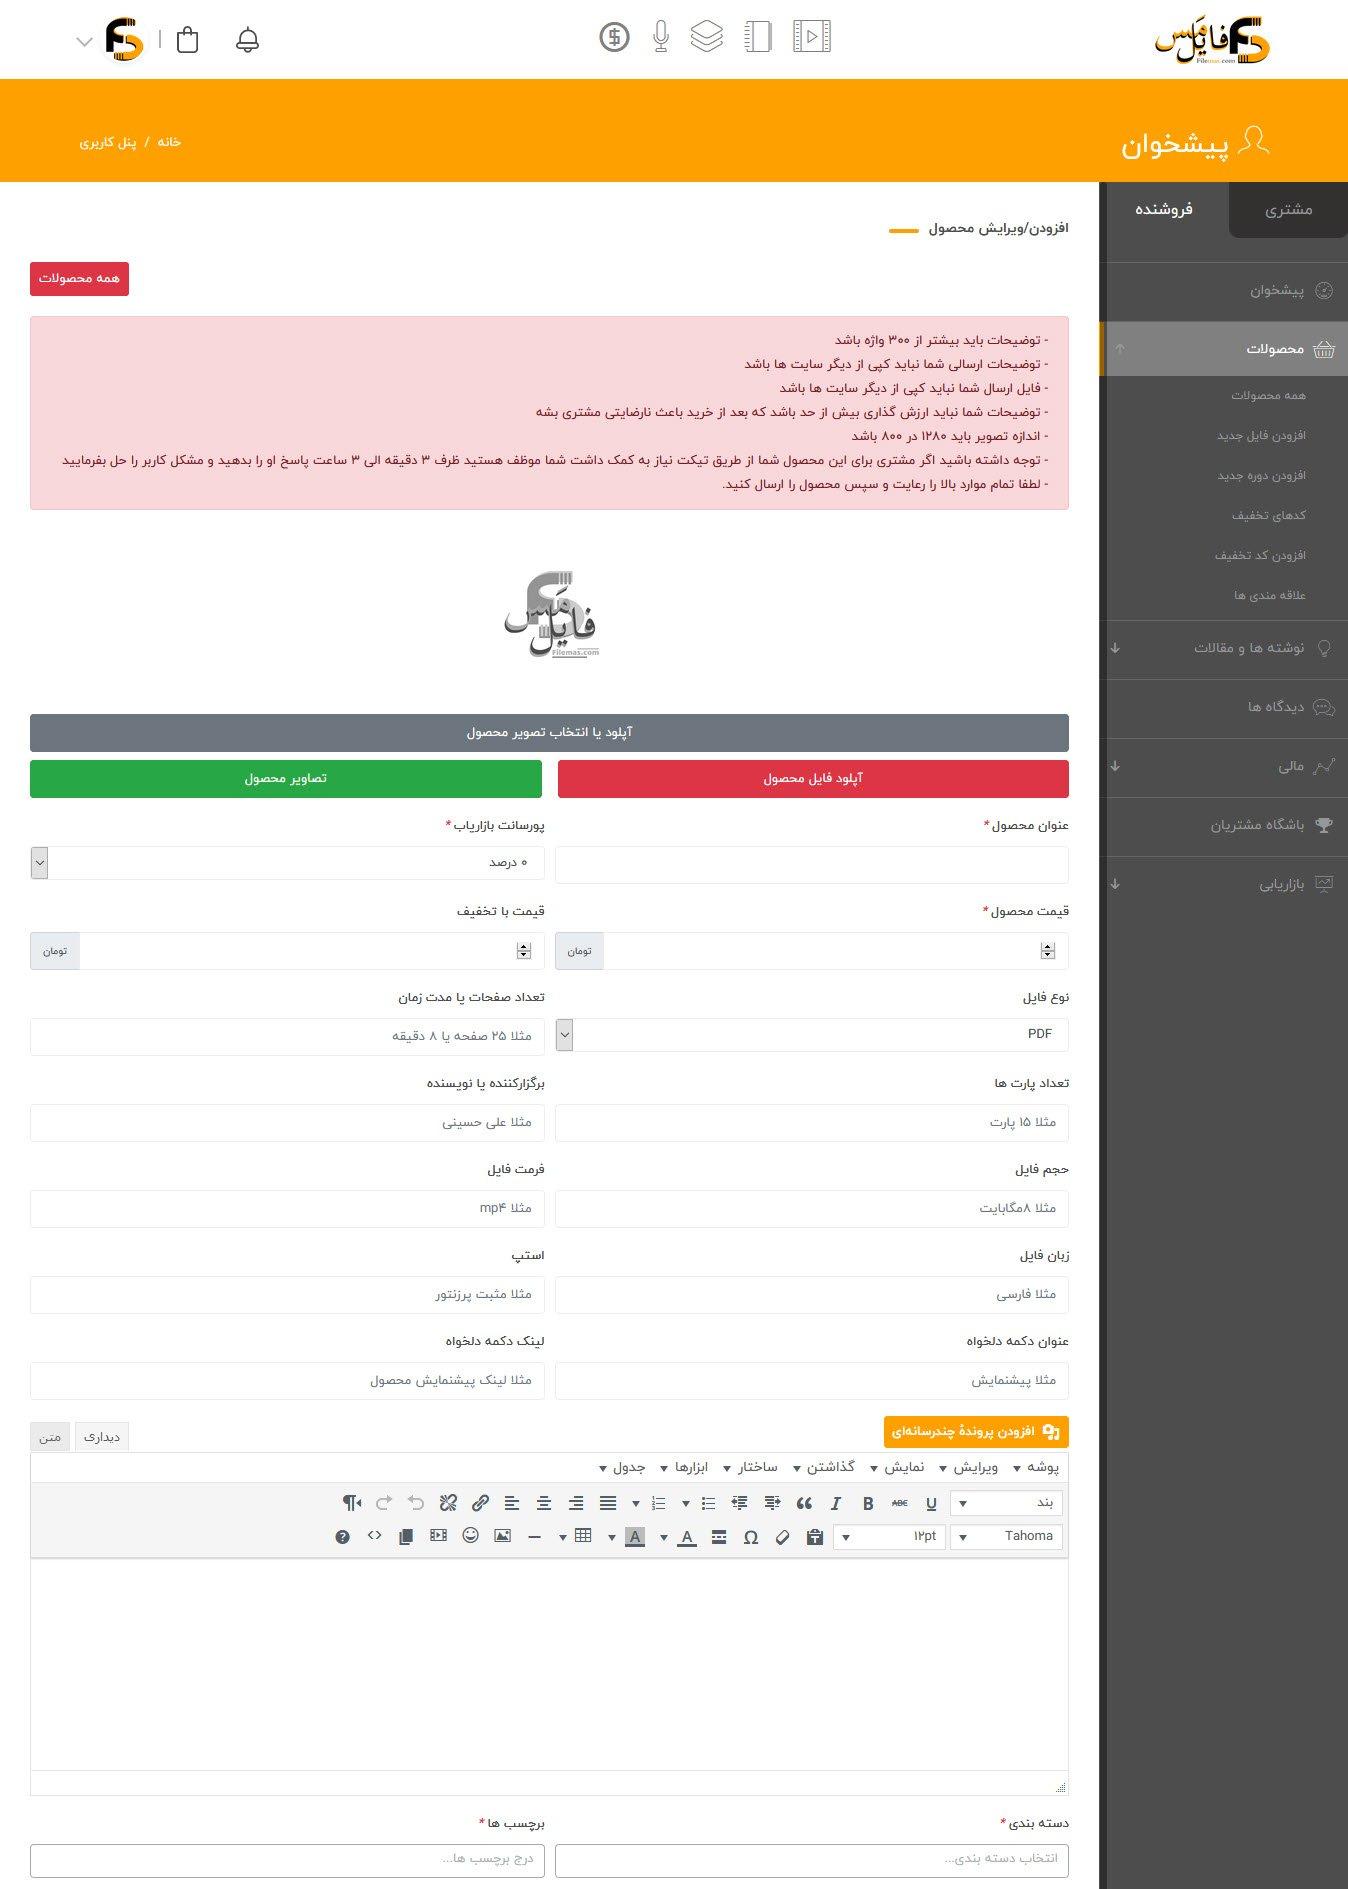 نمایی از صفحه درج محصول در سیستم همکاری در فروش فایلمس